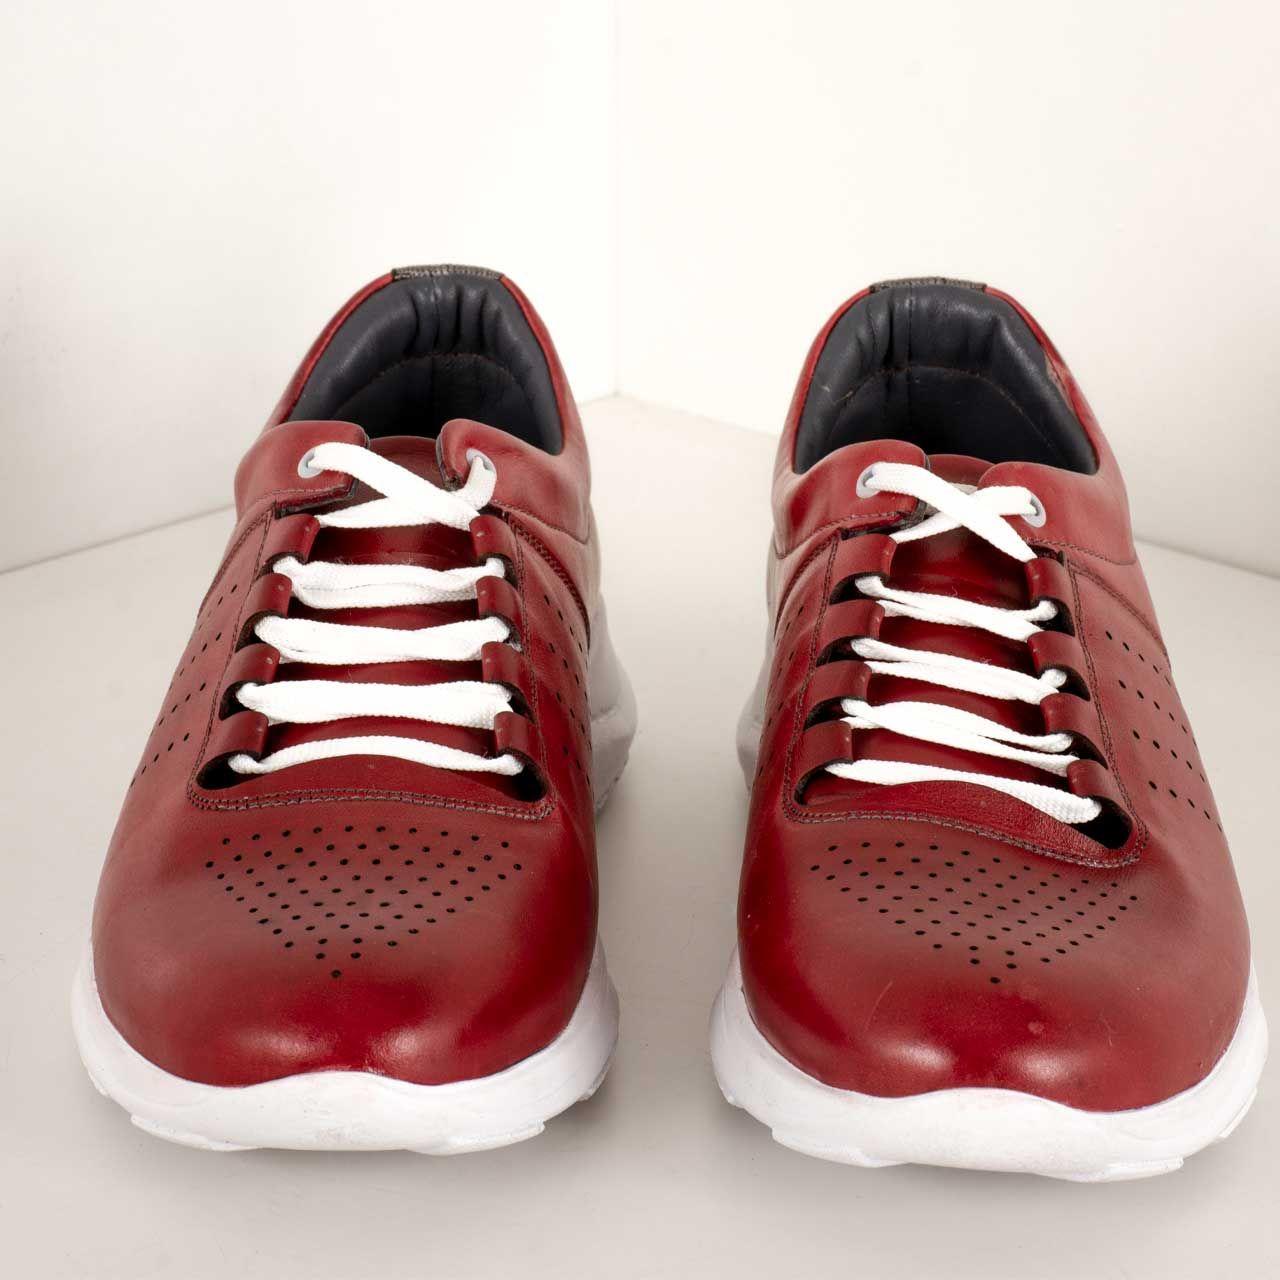 کفش روزمره مردانه پارینه چرم مدل SHO176-2 -  - 6